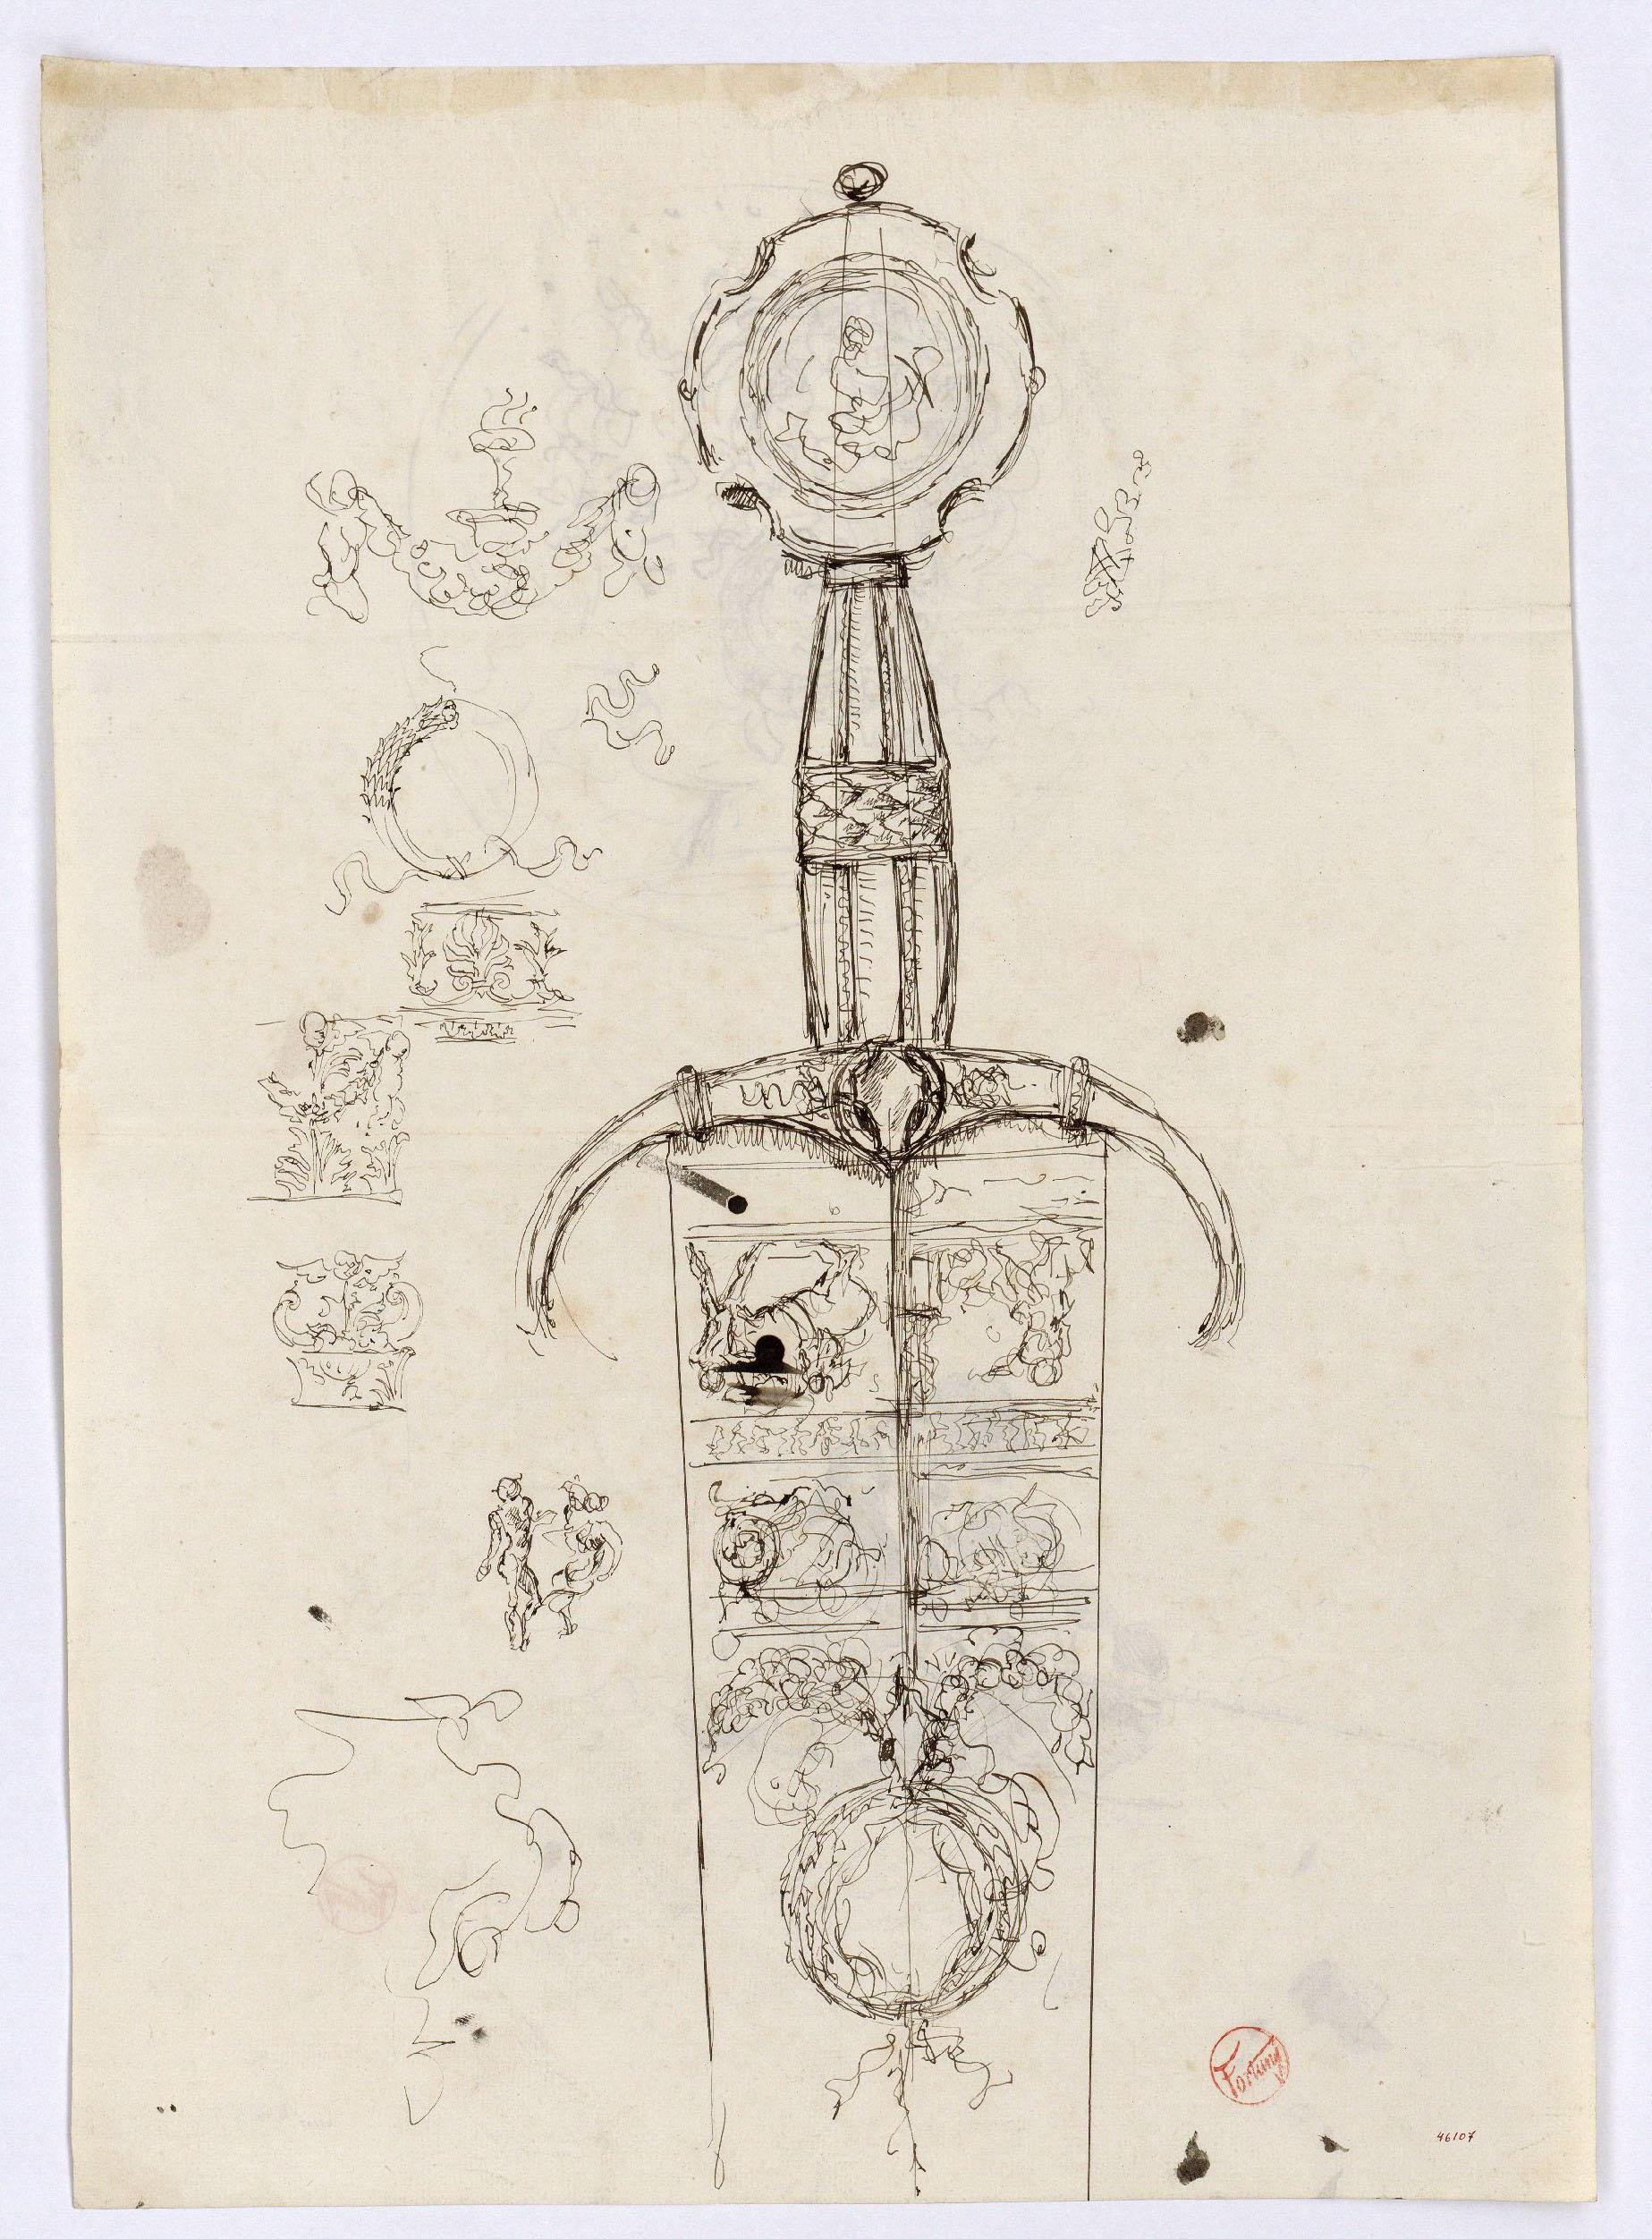 Marià Fortuny - Moneda i estudi per al quadre «L'esmolador de sabres» (anvers) / Espasa d'estil renaixentista (revers) - Cap a 1863-1872 [1]